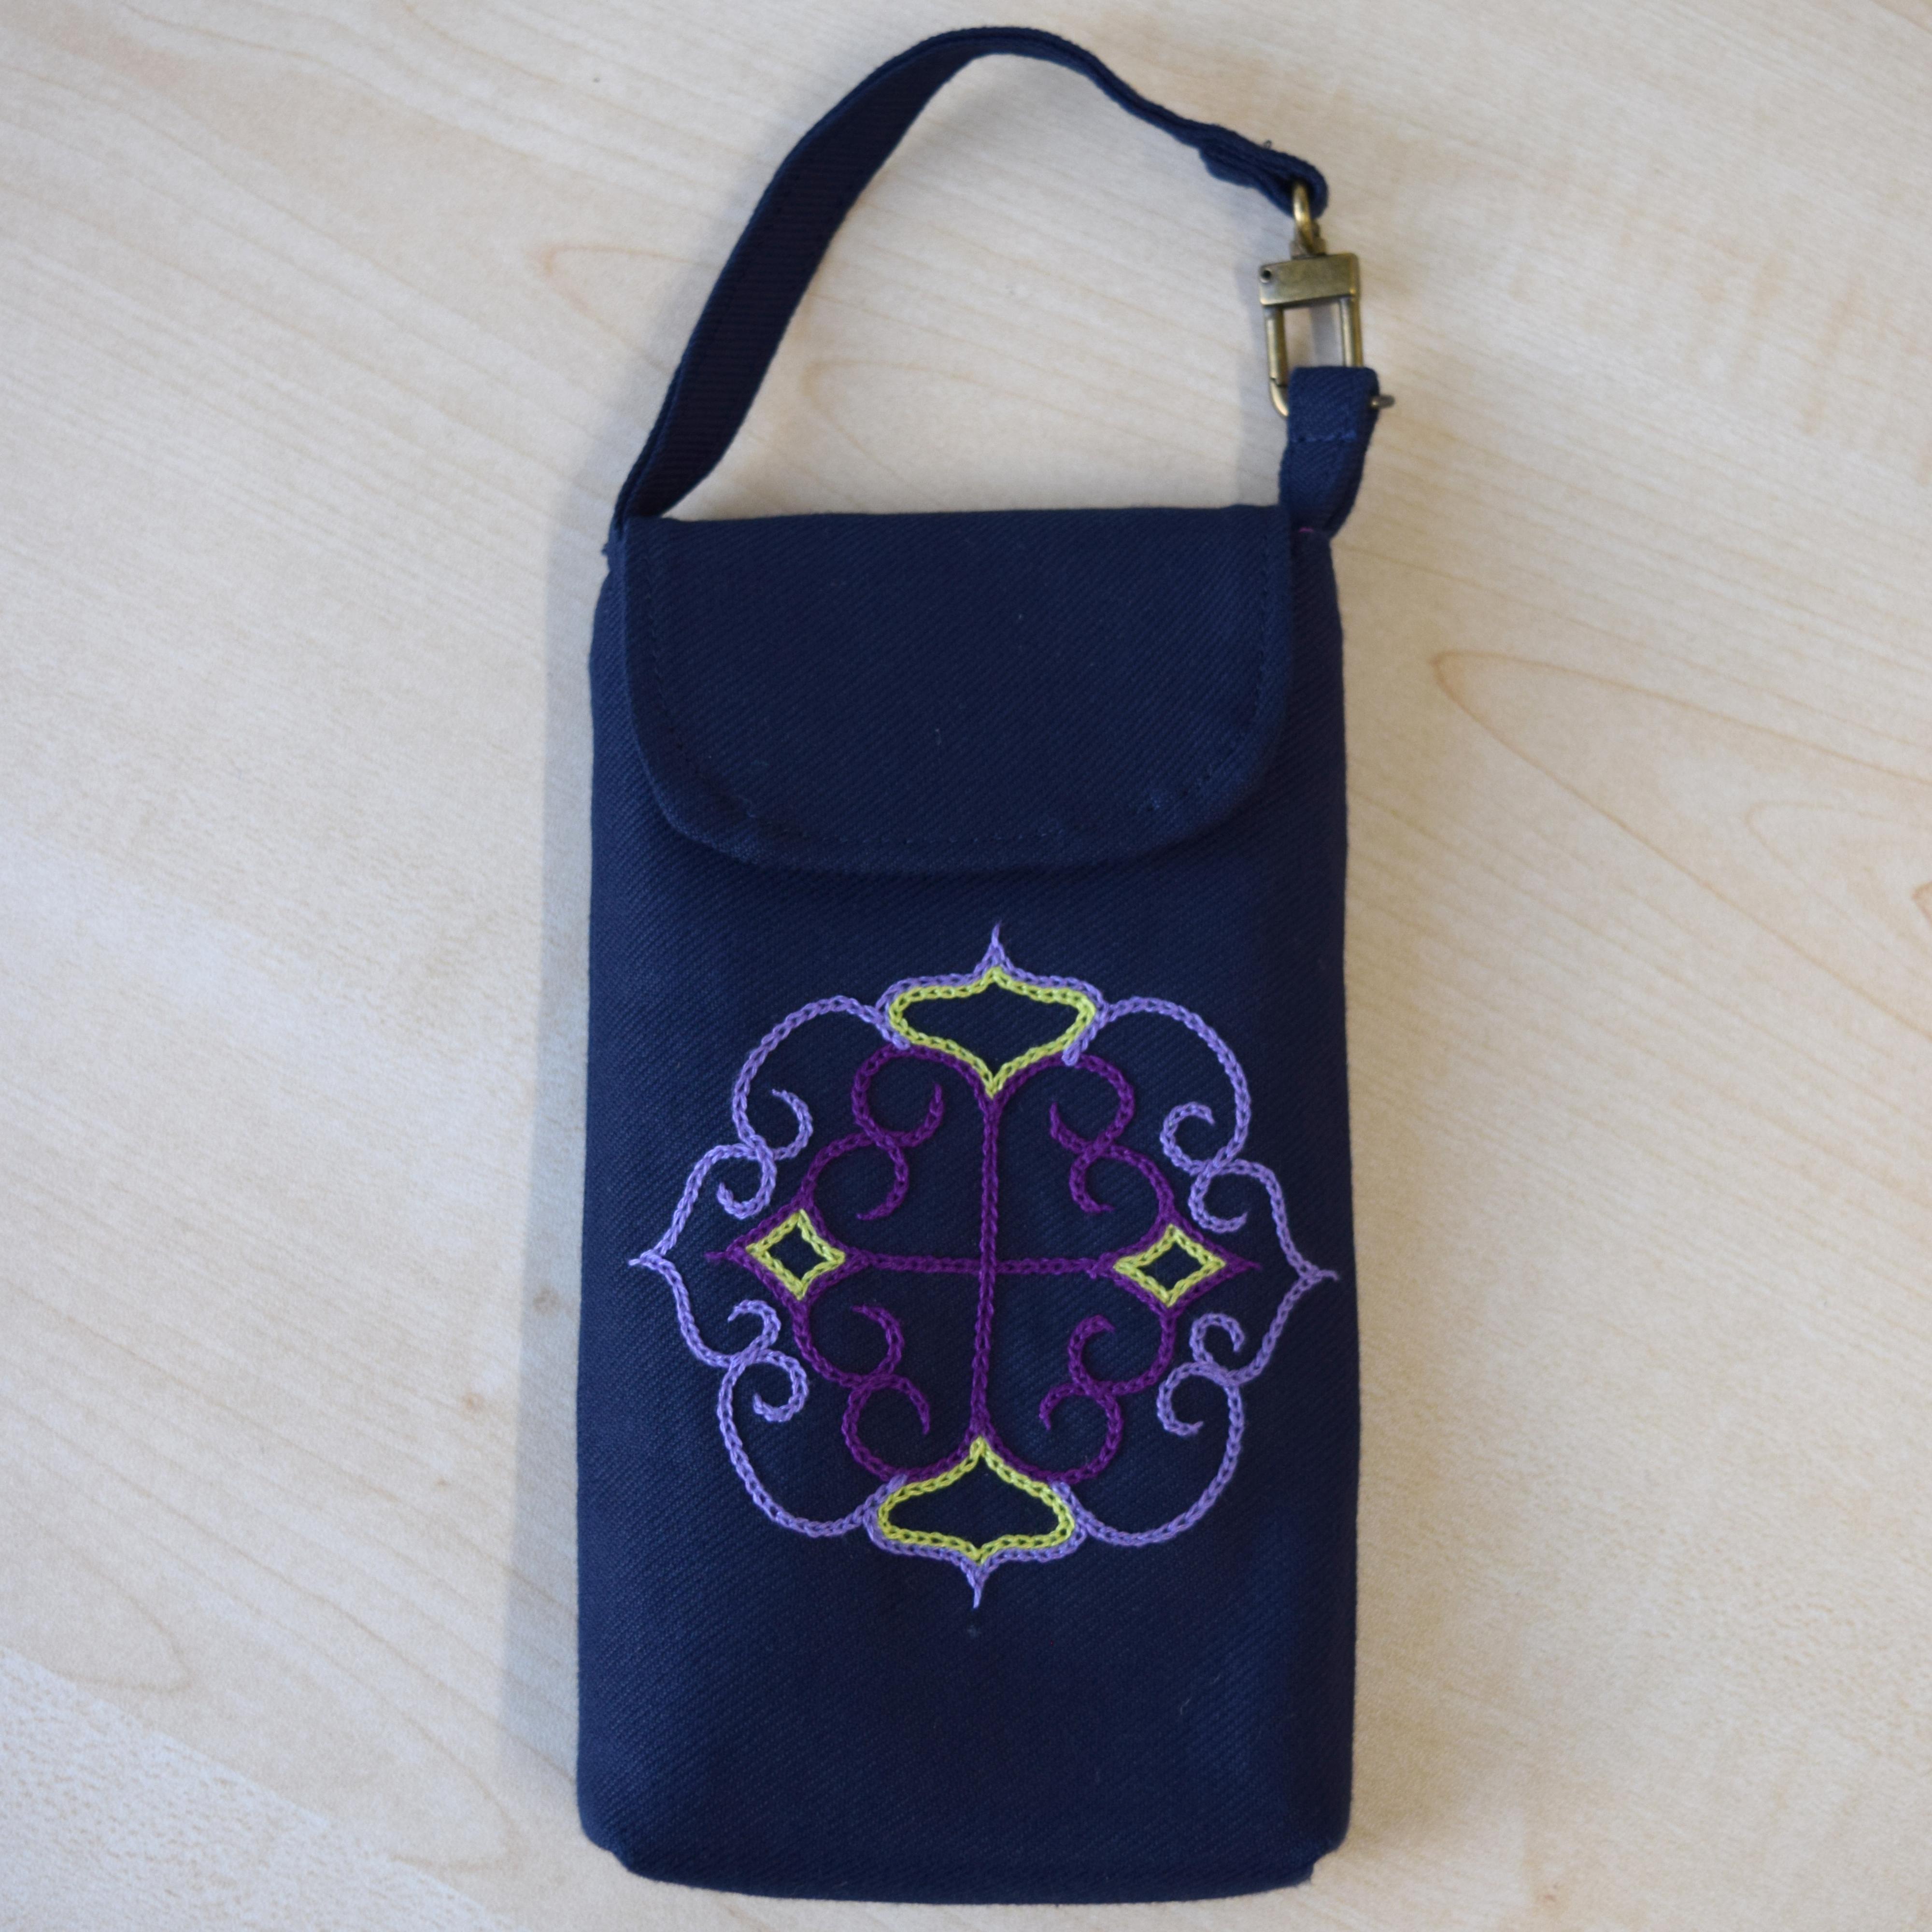 マルチケース(紫刺繍)  multi case 【さっぽろアイヌクラフト】